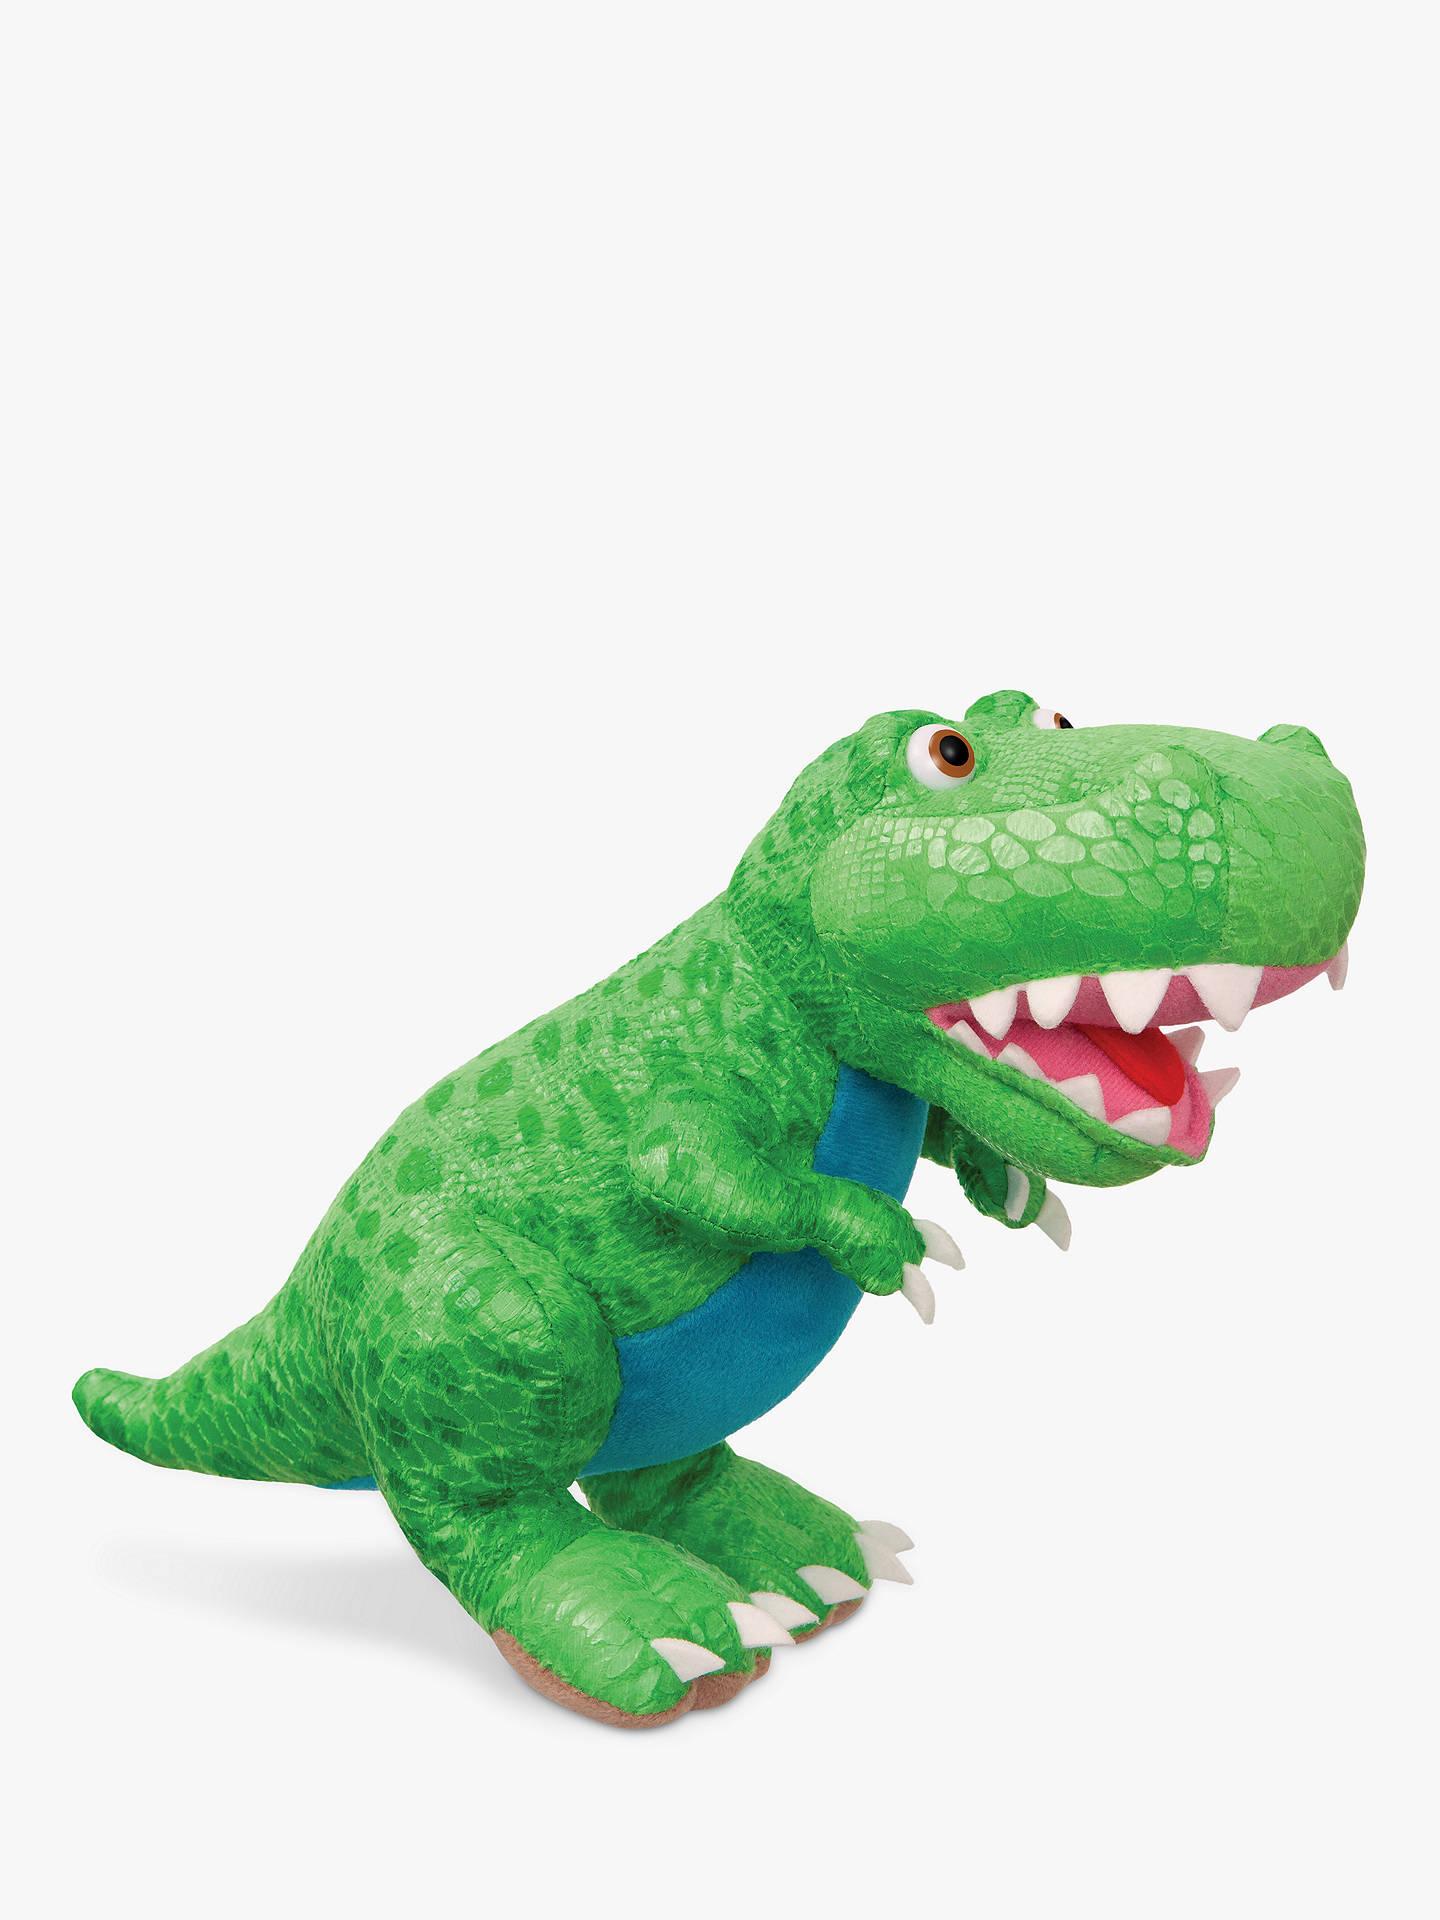 Dinosaur Roar The T-Rex